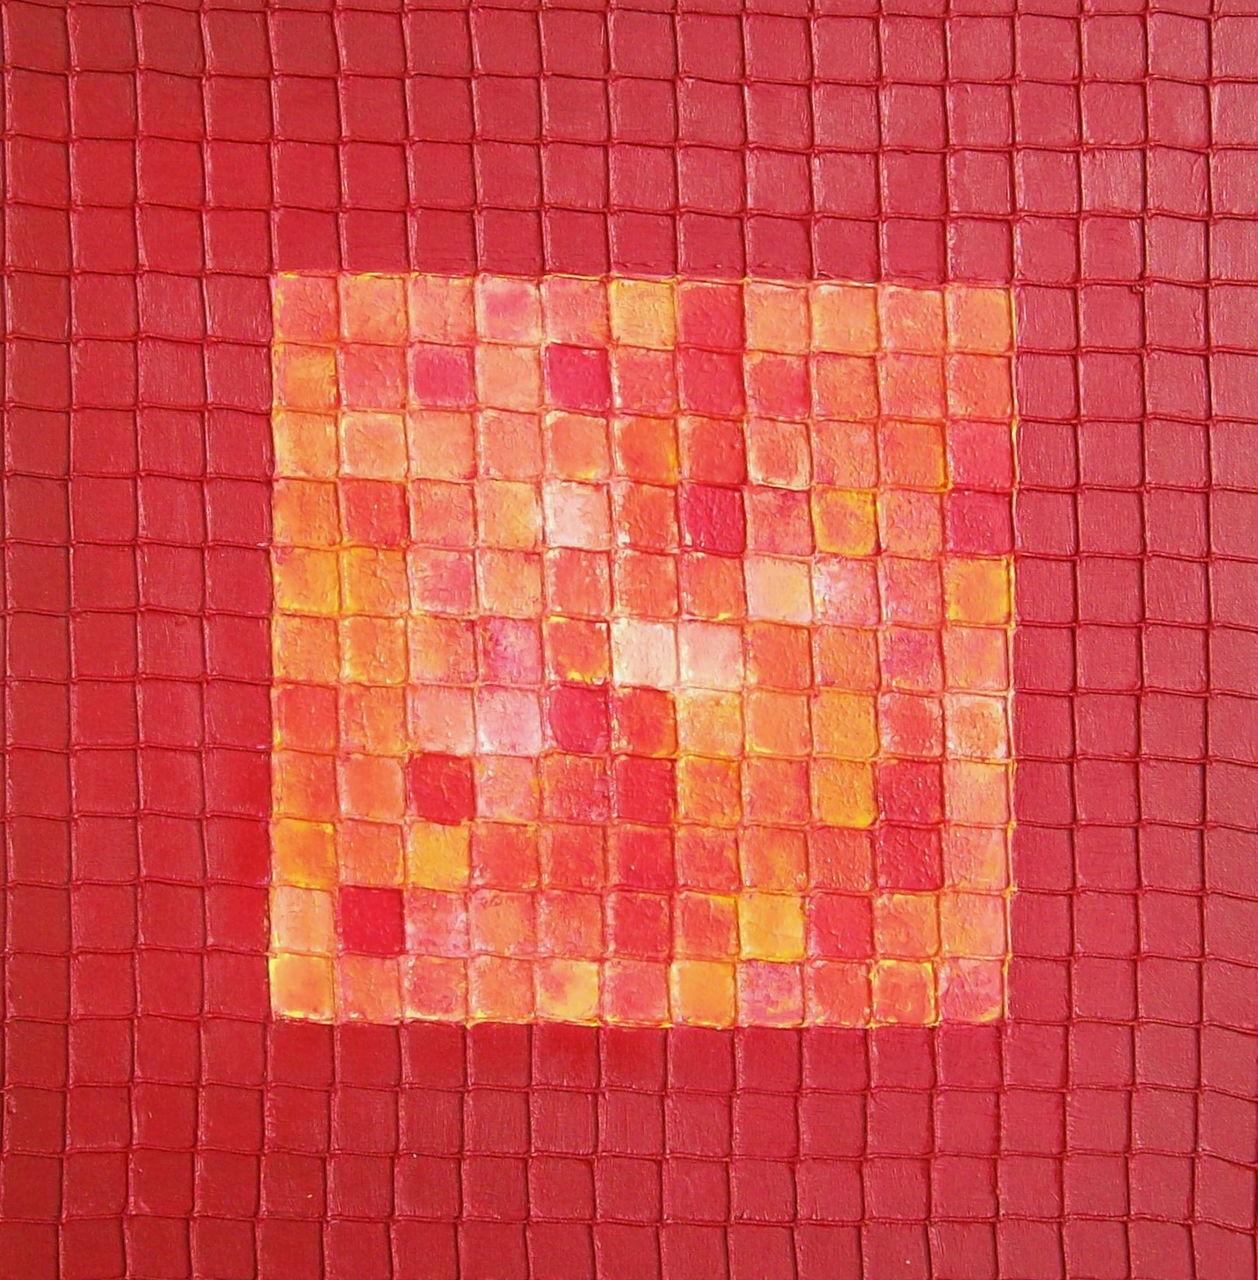 Puzzle in Rot - Orange, Spiel puzzle, Roter rahmen, Gedächtnis von ...